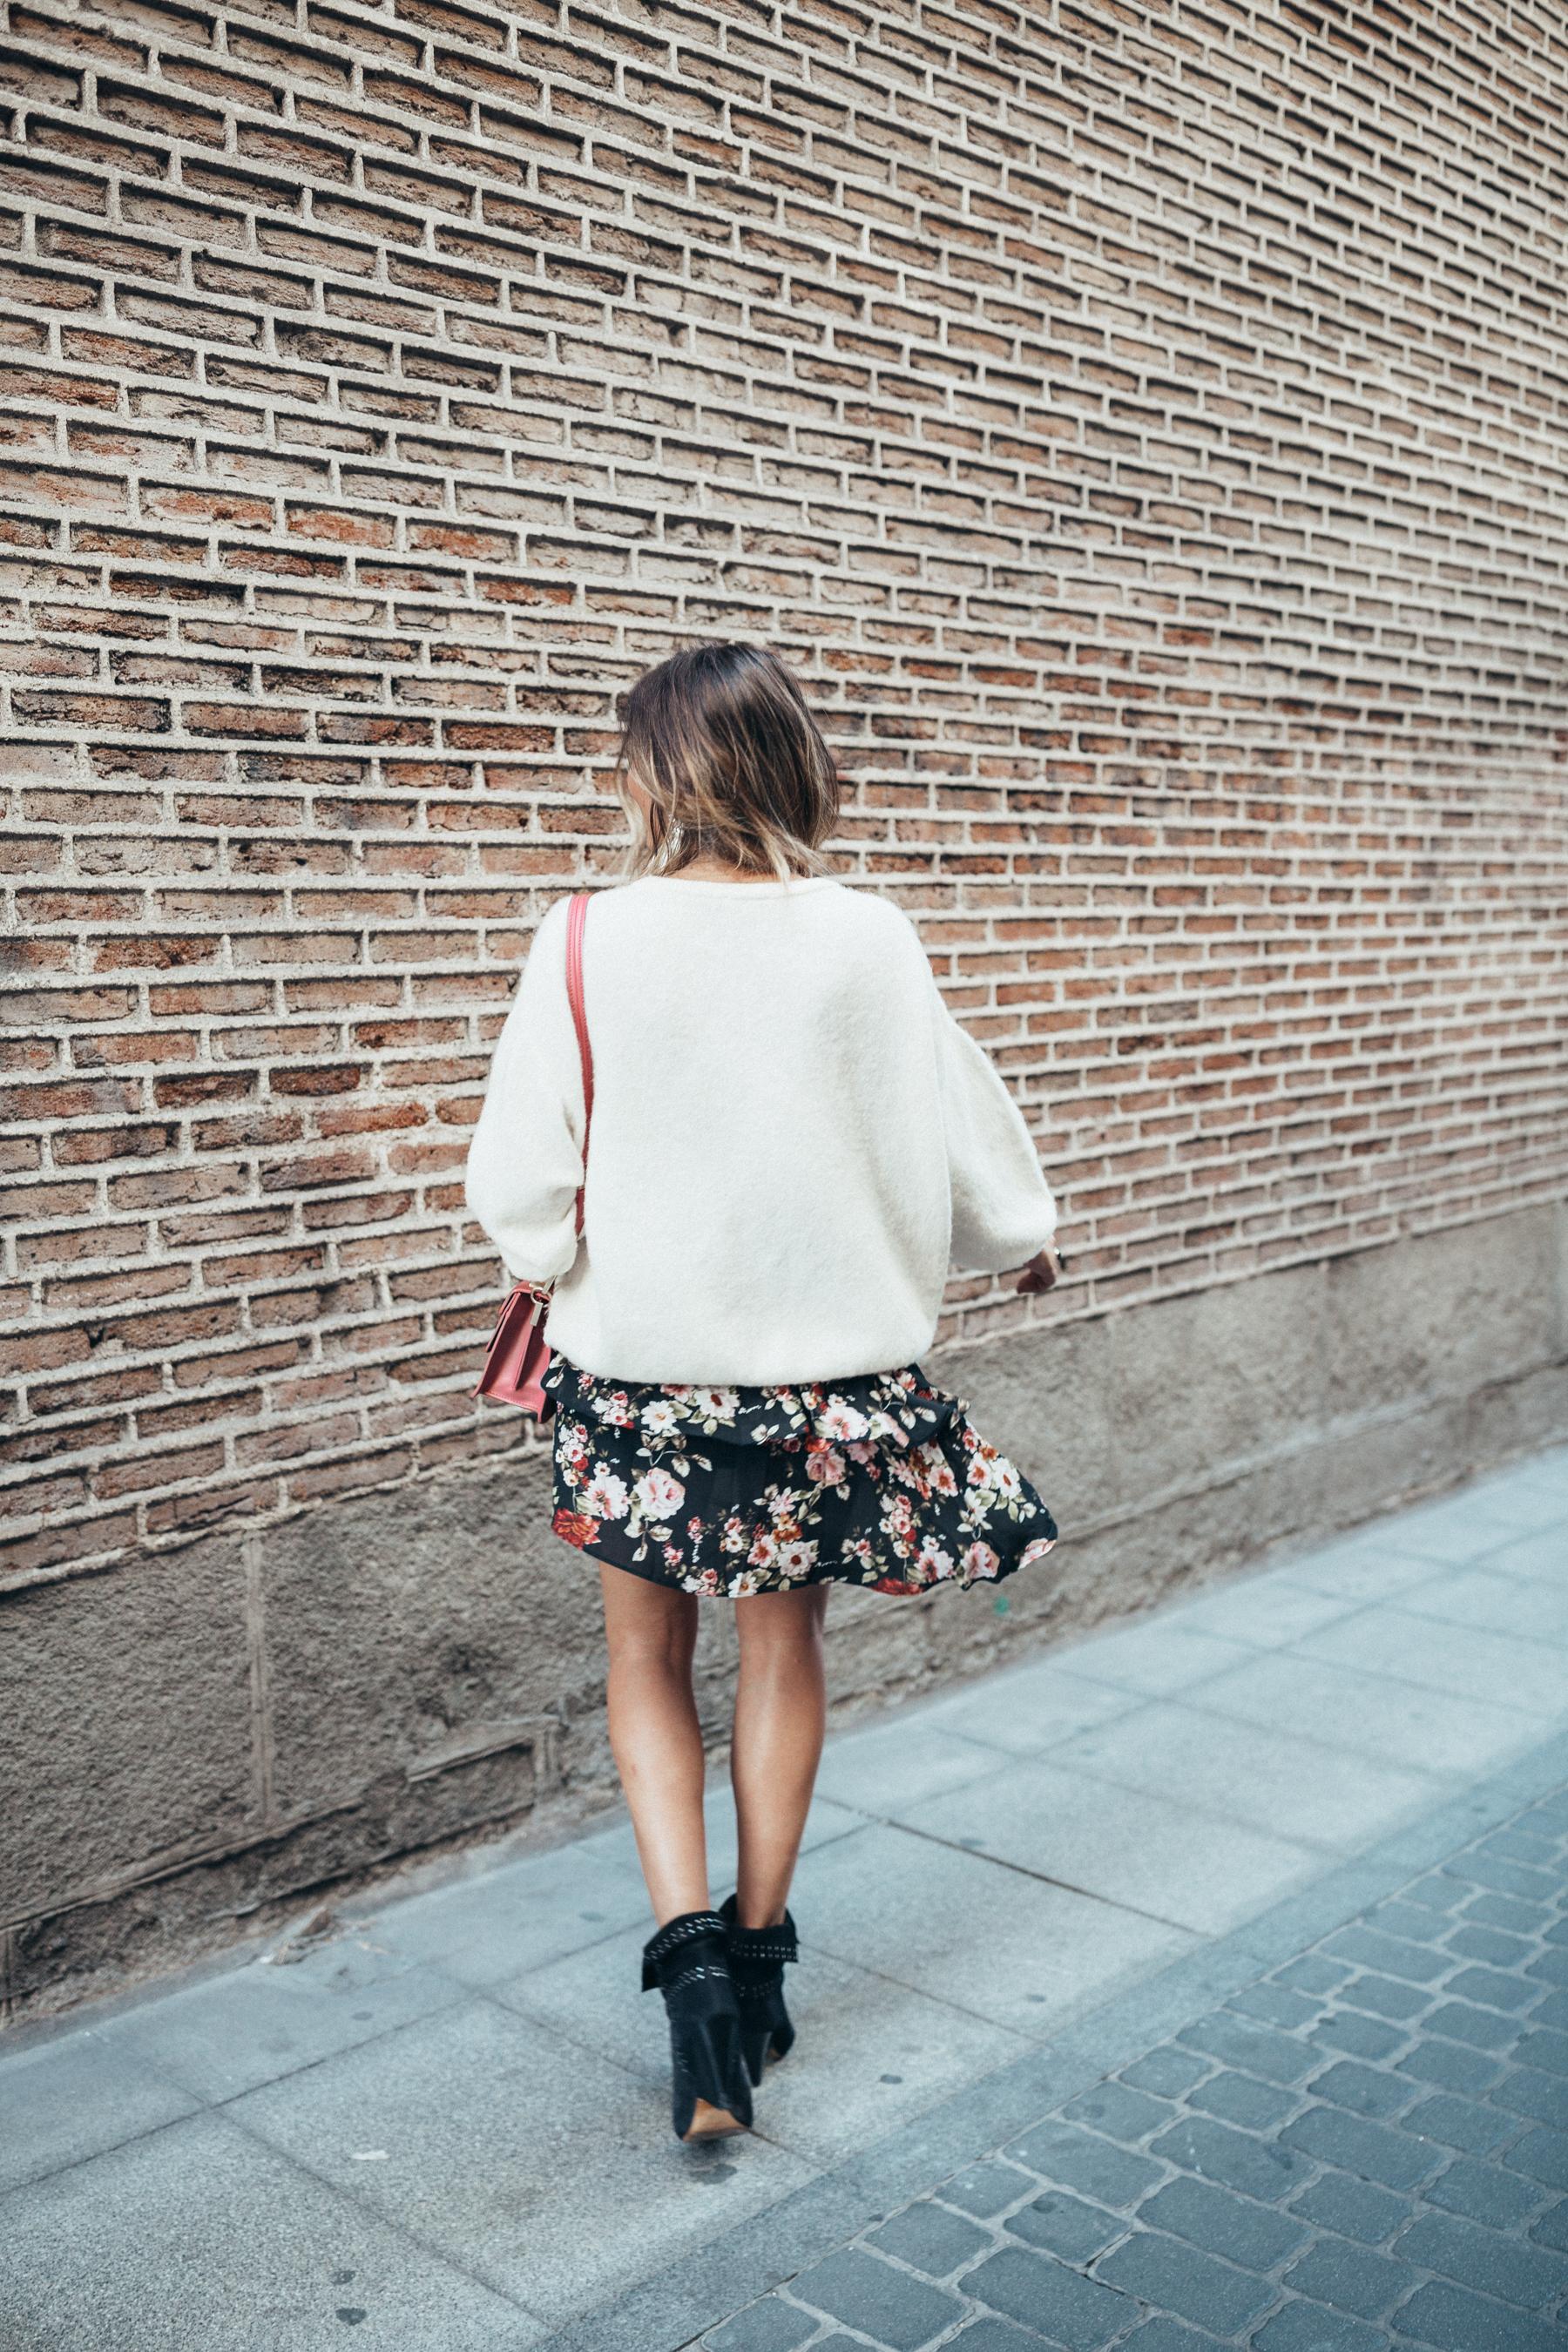 Givenchy NYFW-7335